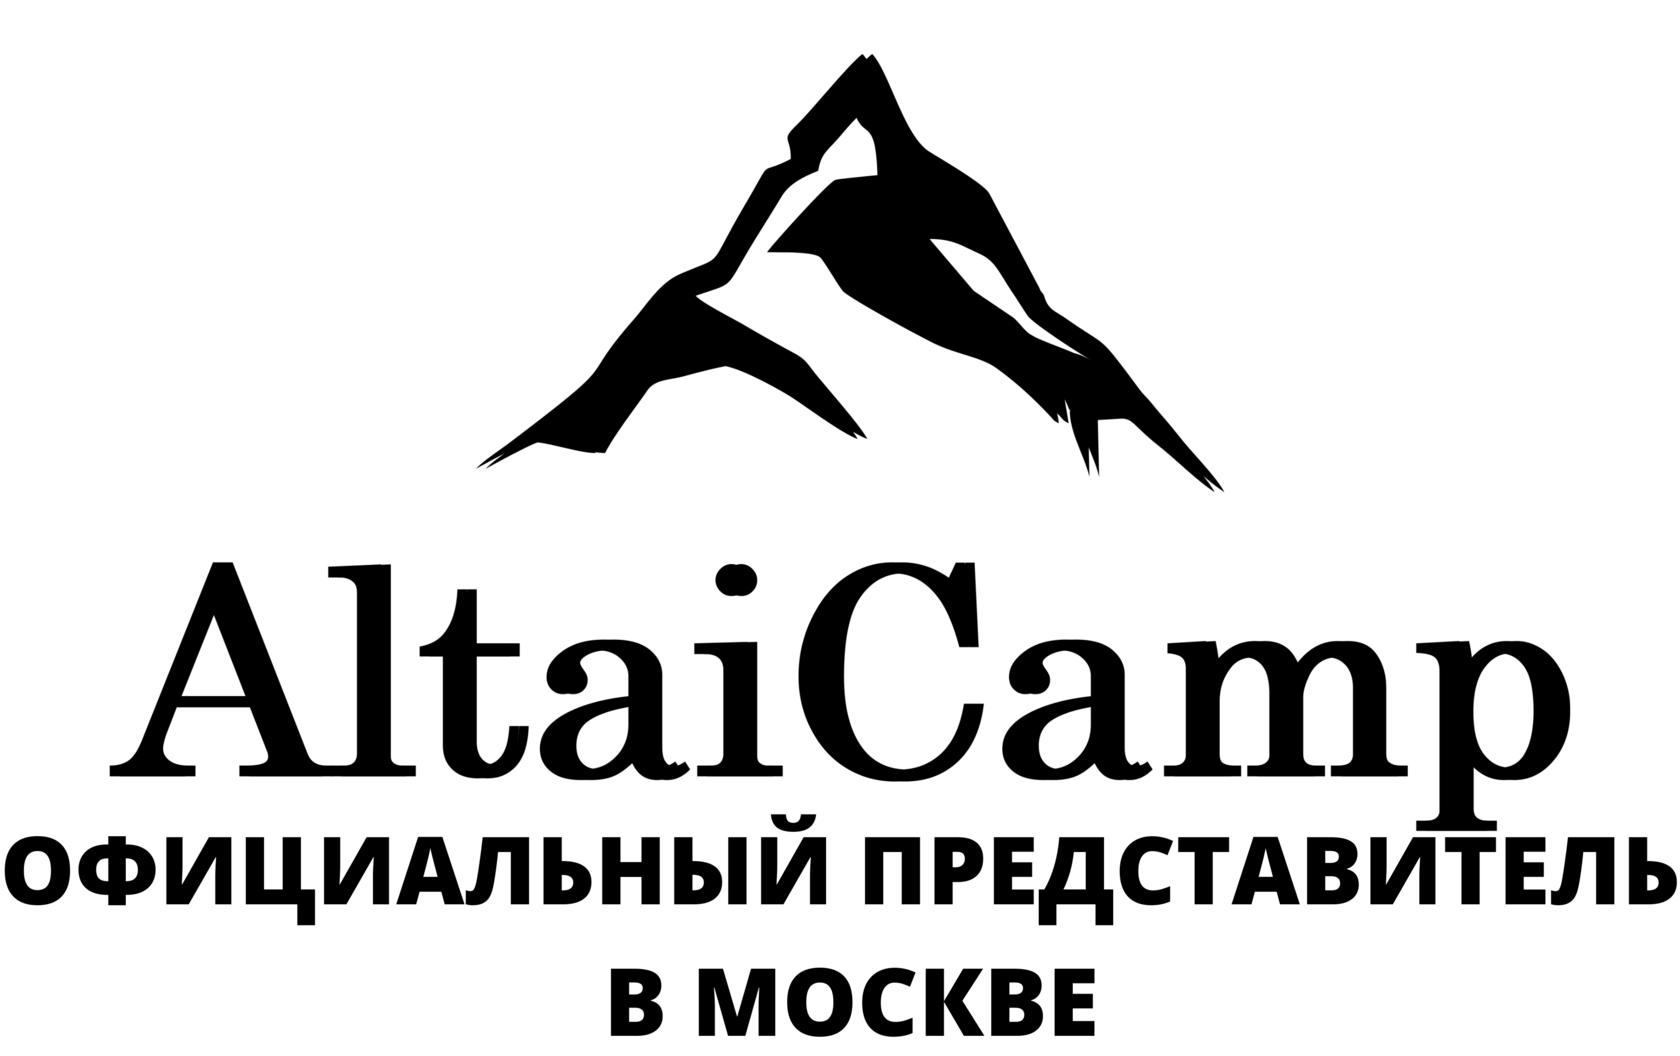 Официальный представитель в Москве